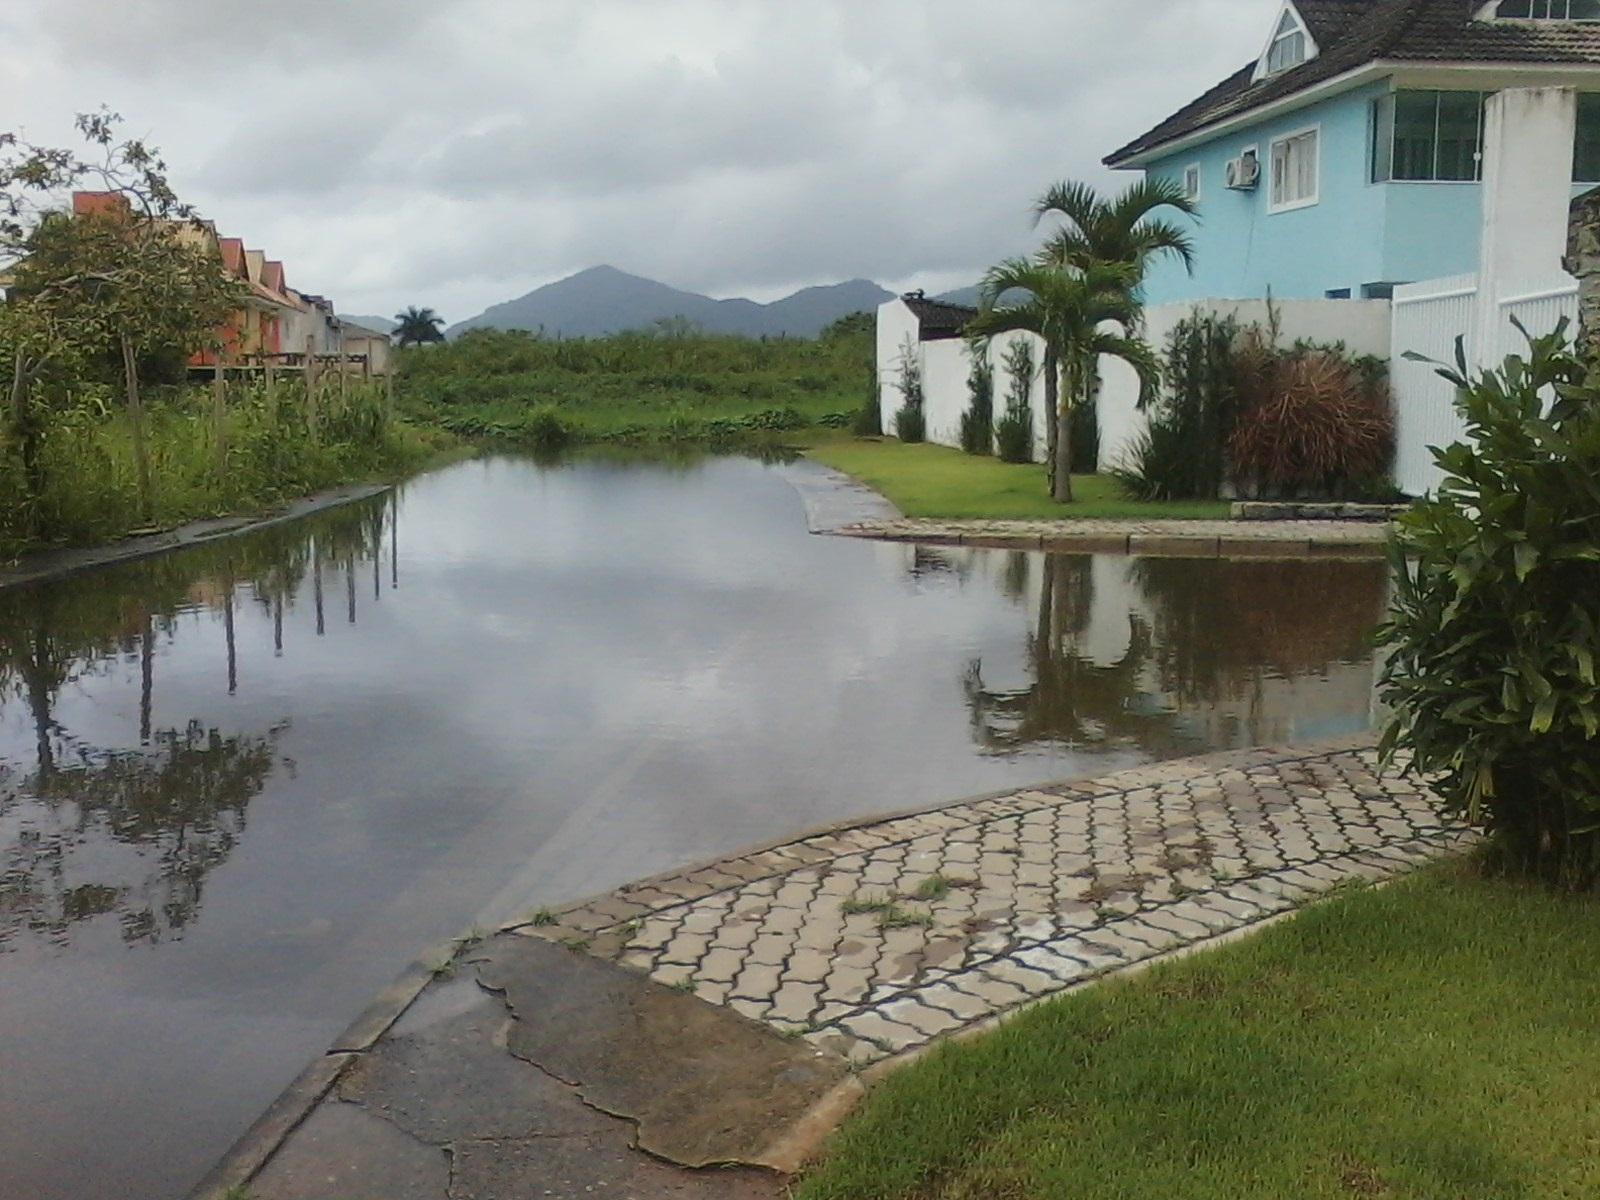 Inundação em um loteamento irregular de casas, em Vargem Pequena: região de brejo impõe dificuldades para construção civil. Foto Divulgação/Canagé Vilhena